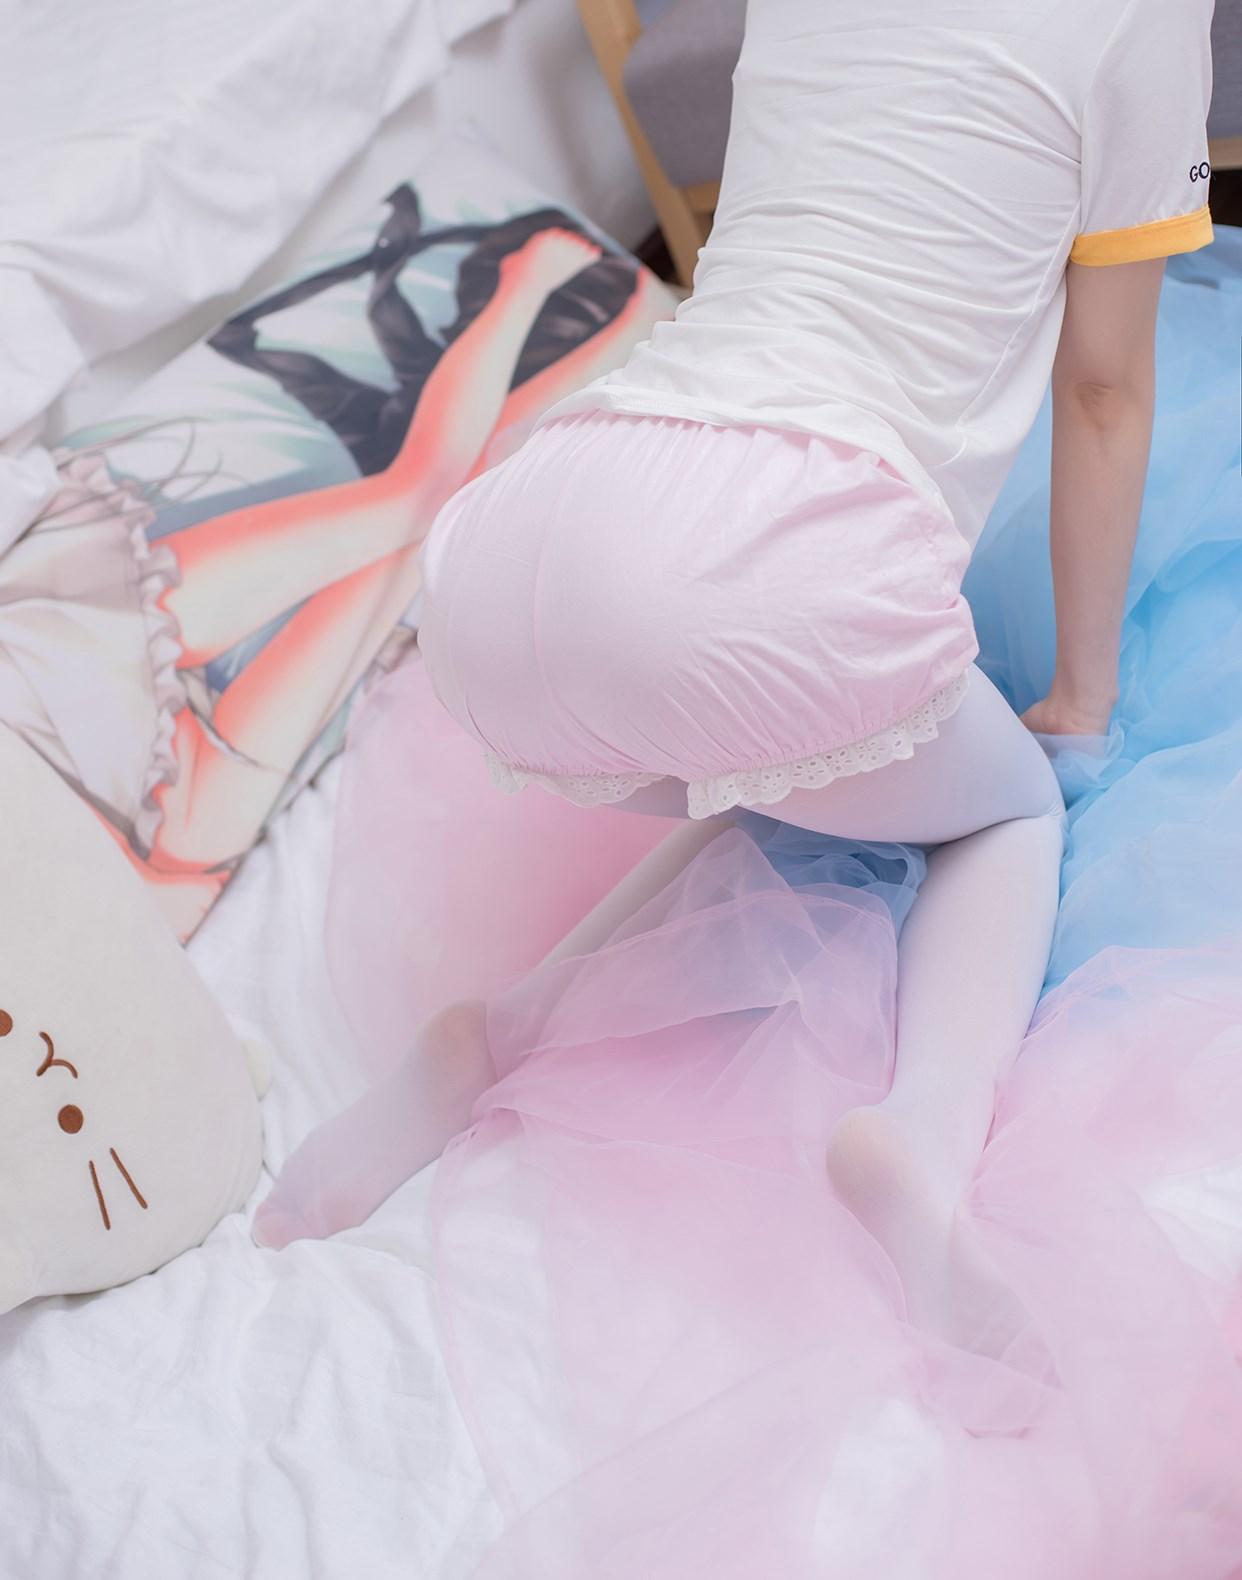 【兔玩映画】少女的卧室 兔玩映画 第49张